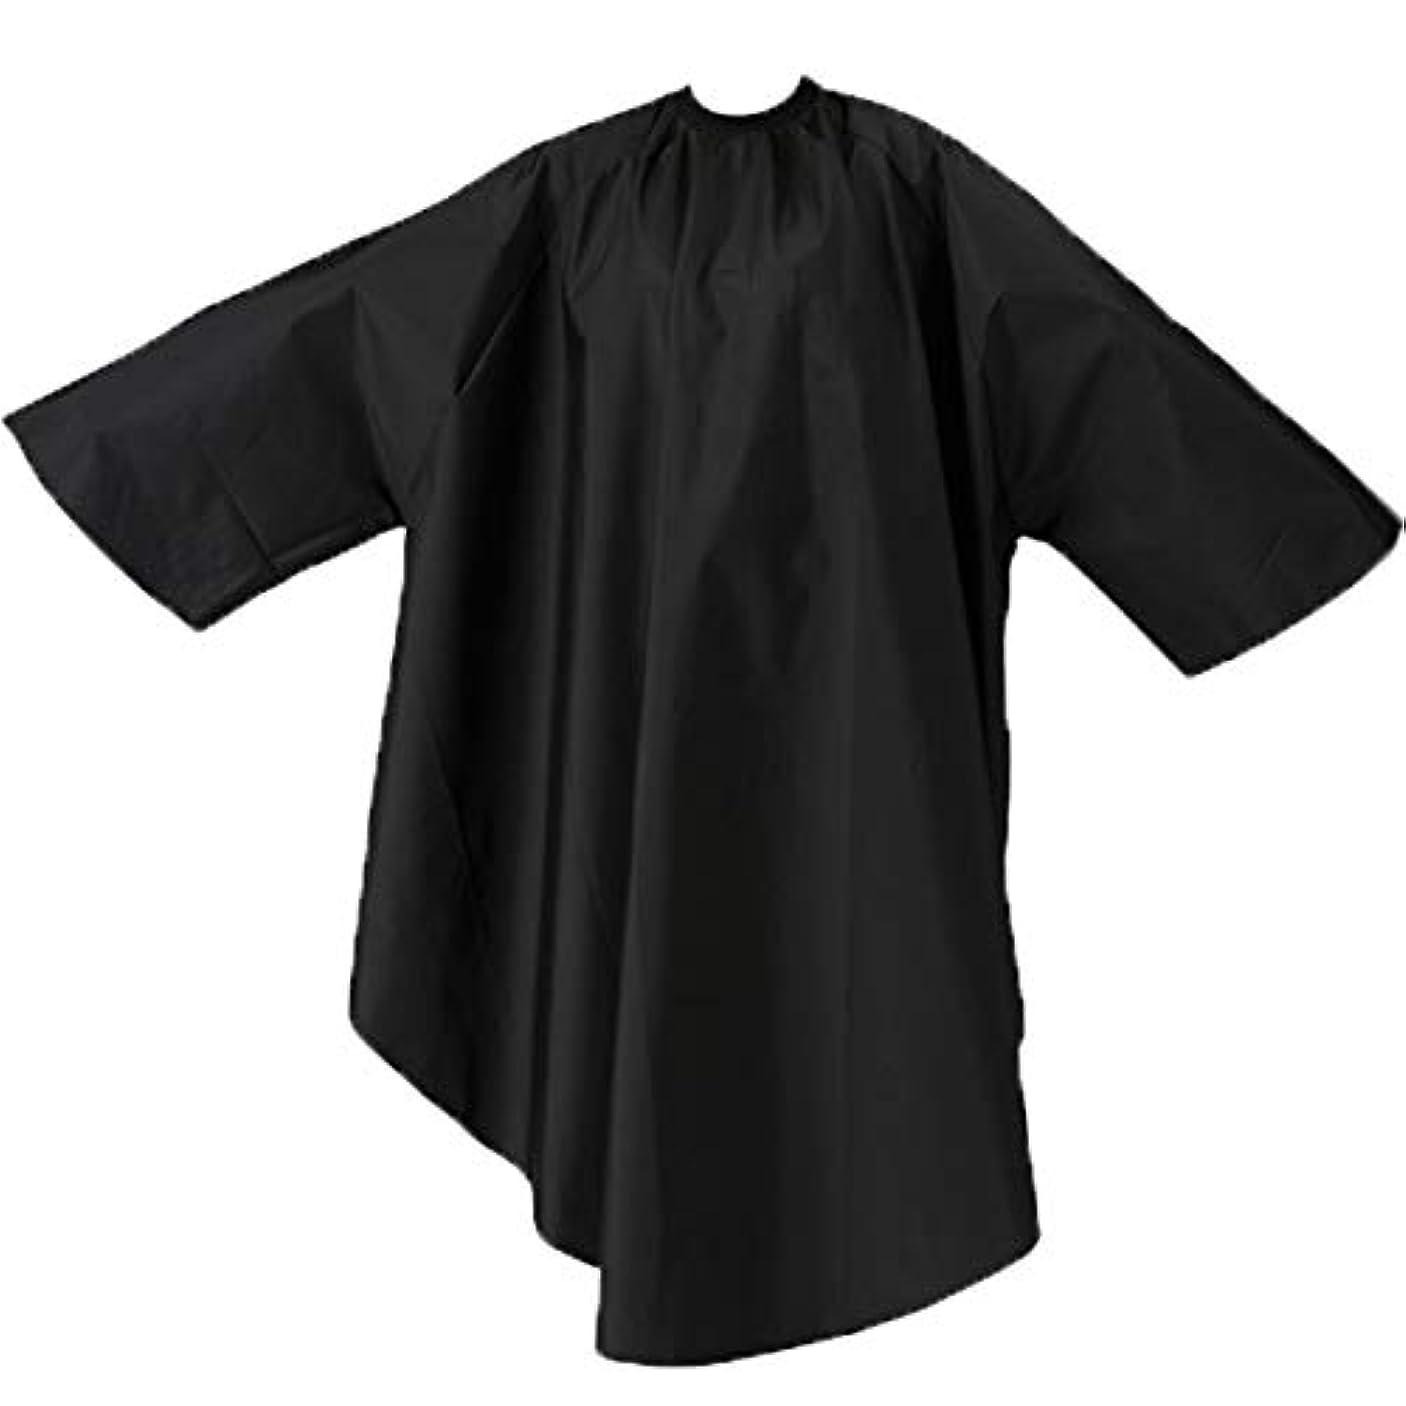 意味のあるショルダー速記エルコ 9762 ザ?クロス SKITT II 袖付 ヘアダイ&カットクロス ナイロン100% ヘアカラー/散髪ケープ/カットクロス/刈布 ELCO (首回り52cm, ブラック)